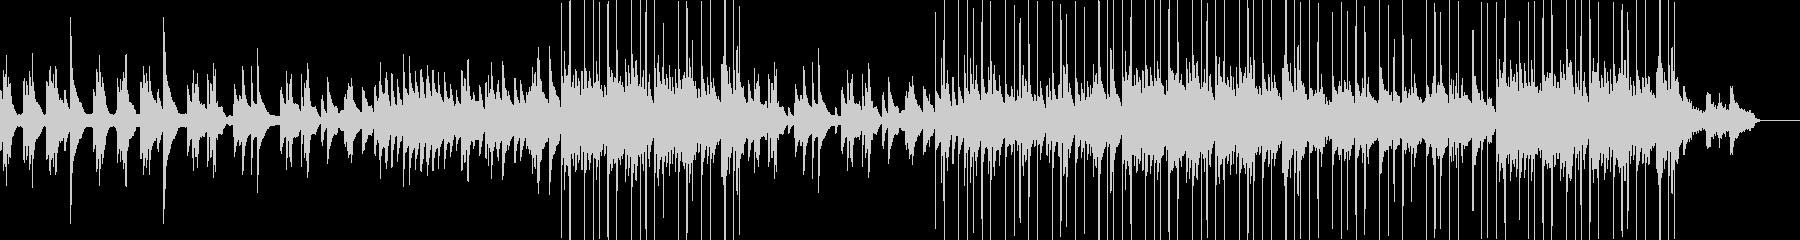 ハープの音色が美しいゆったり落ち着いた曲の未再生の波形